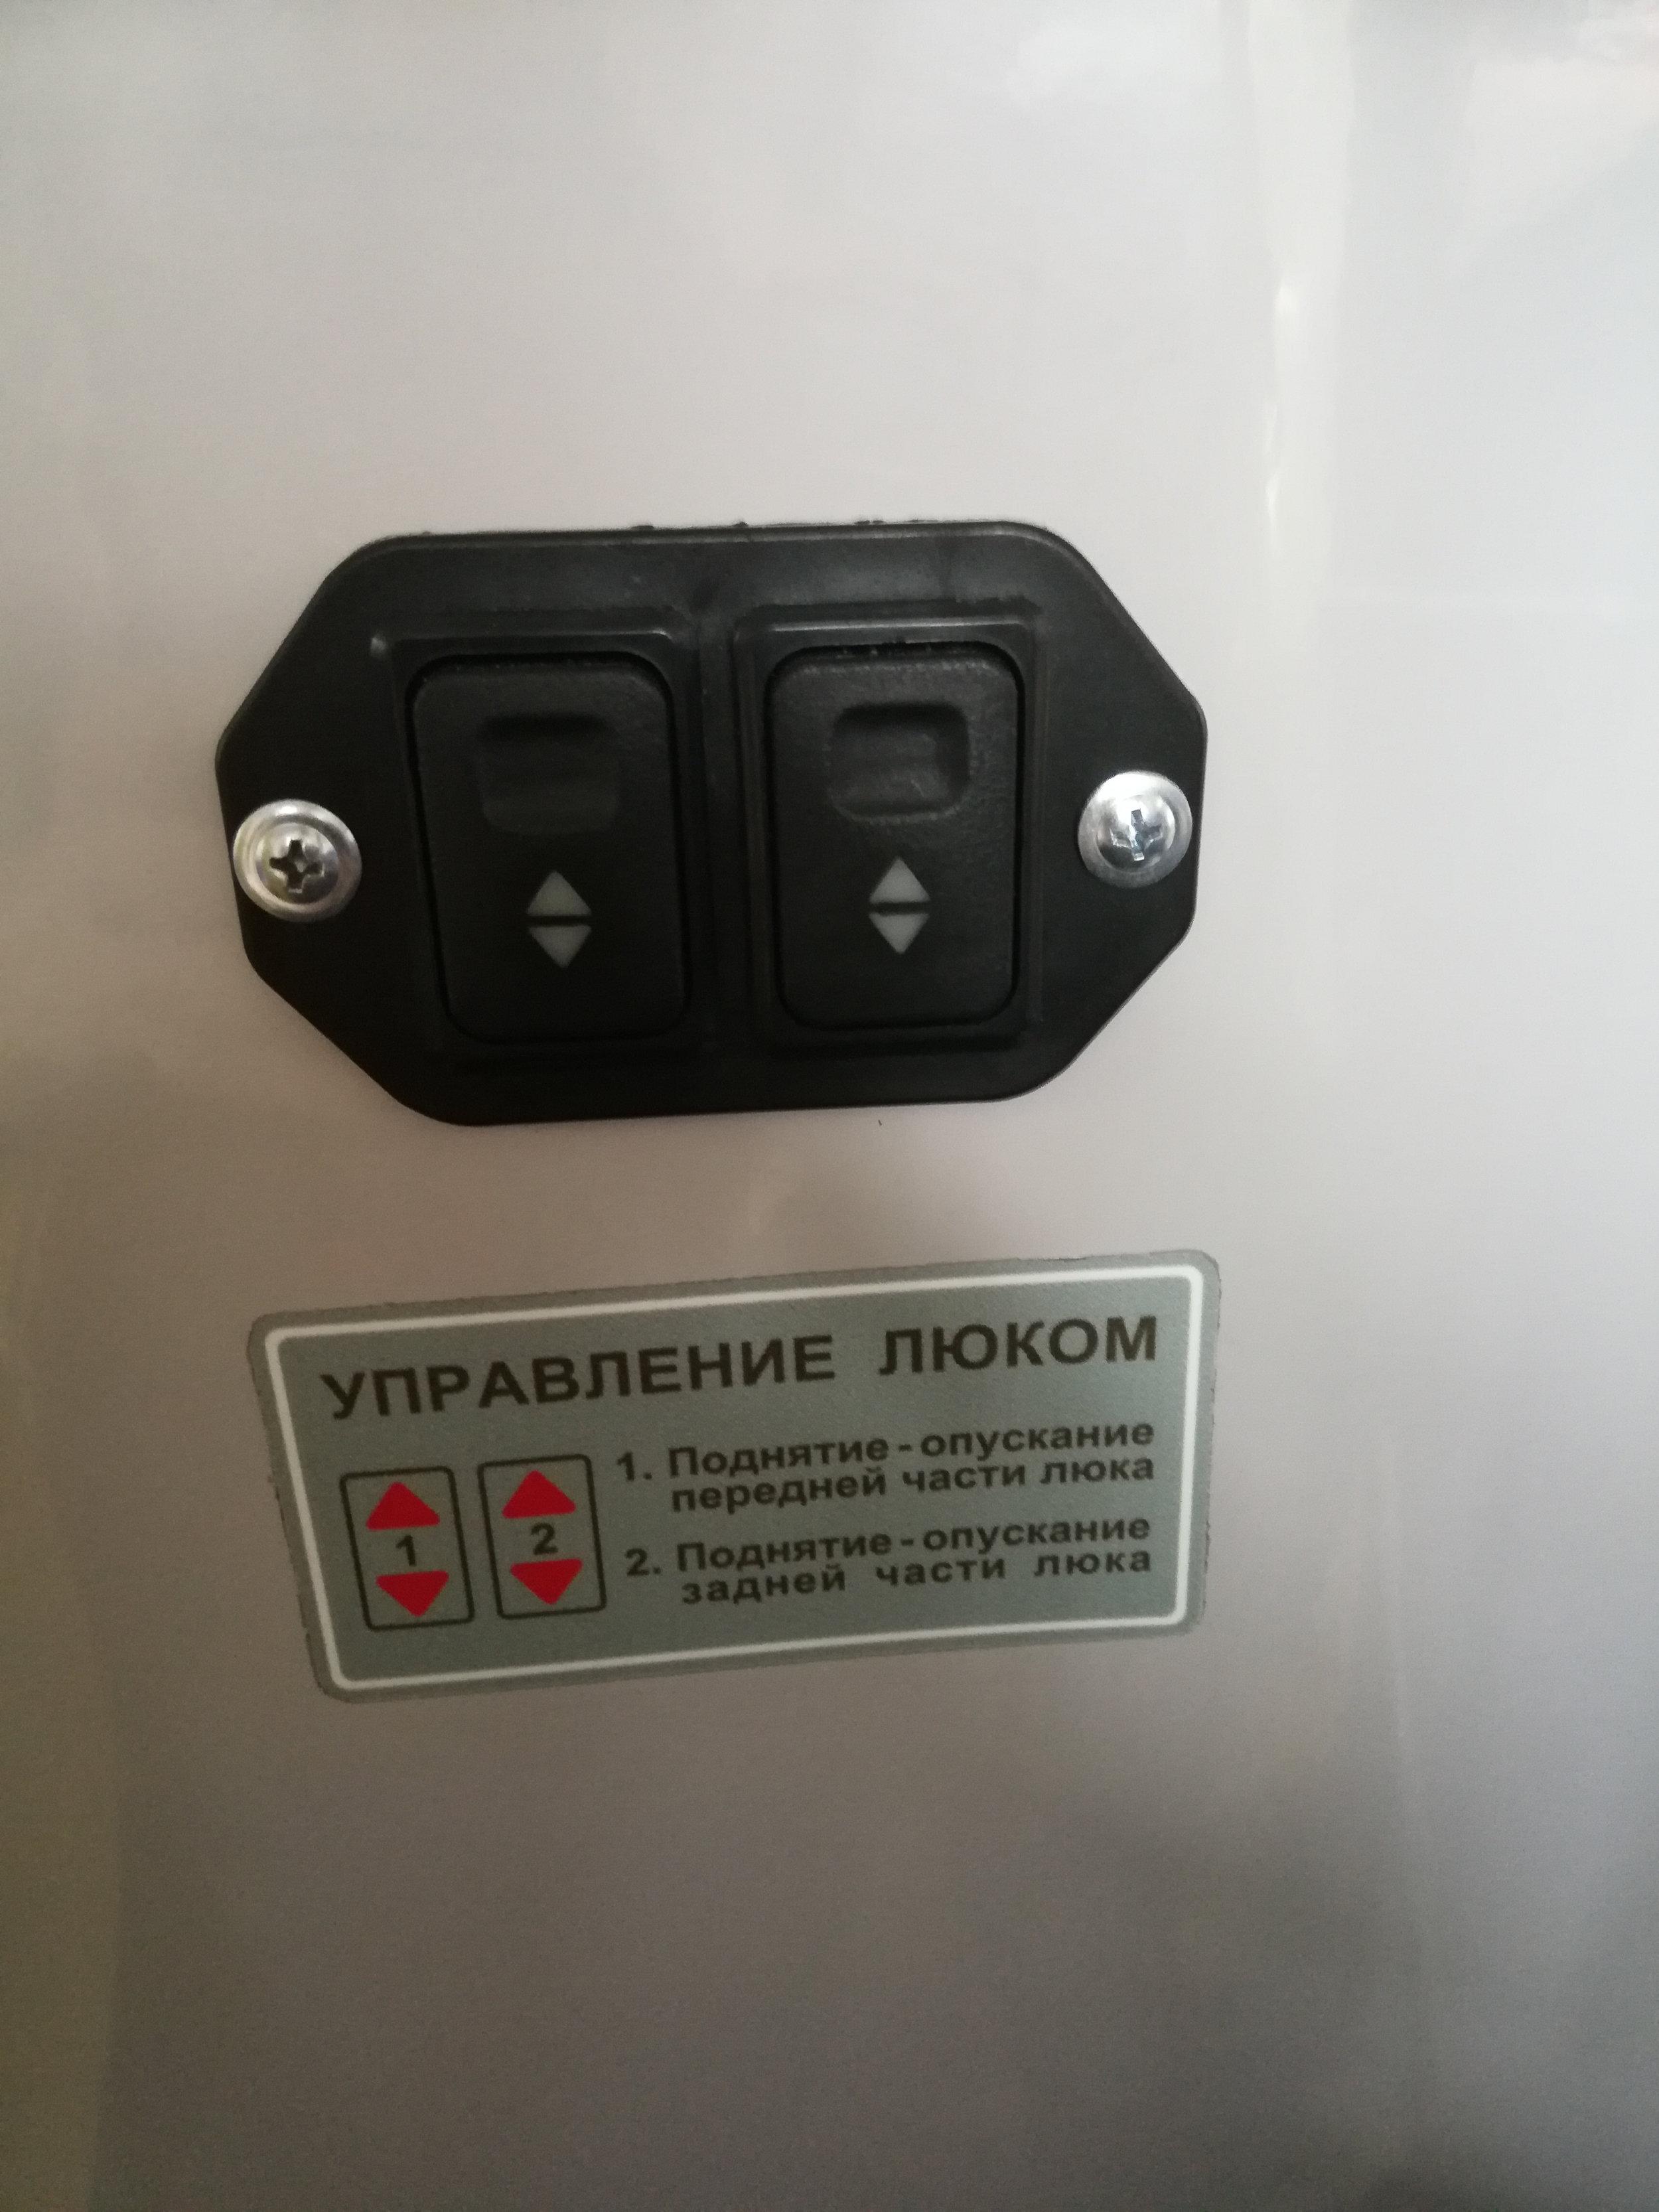 Кнопка открытия люков - УТТЗ-6241.jpg